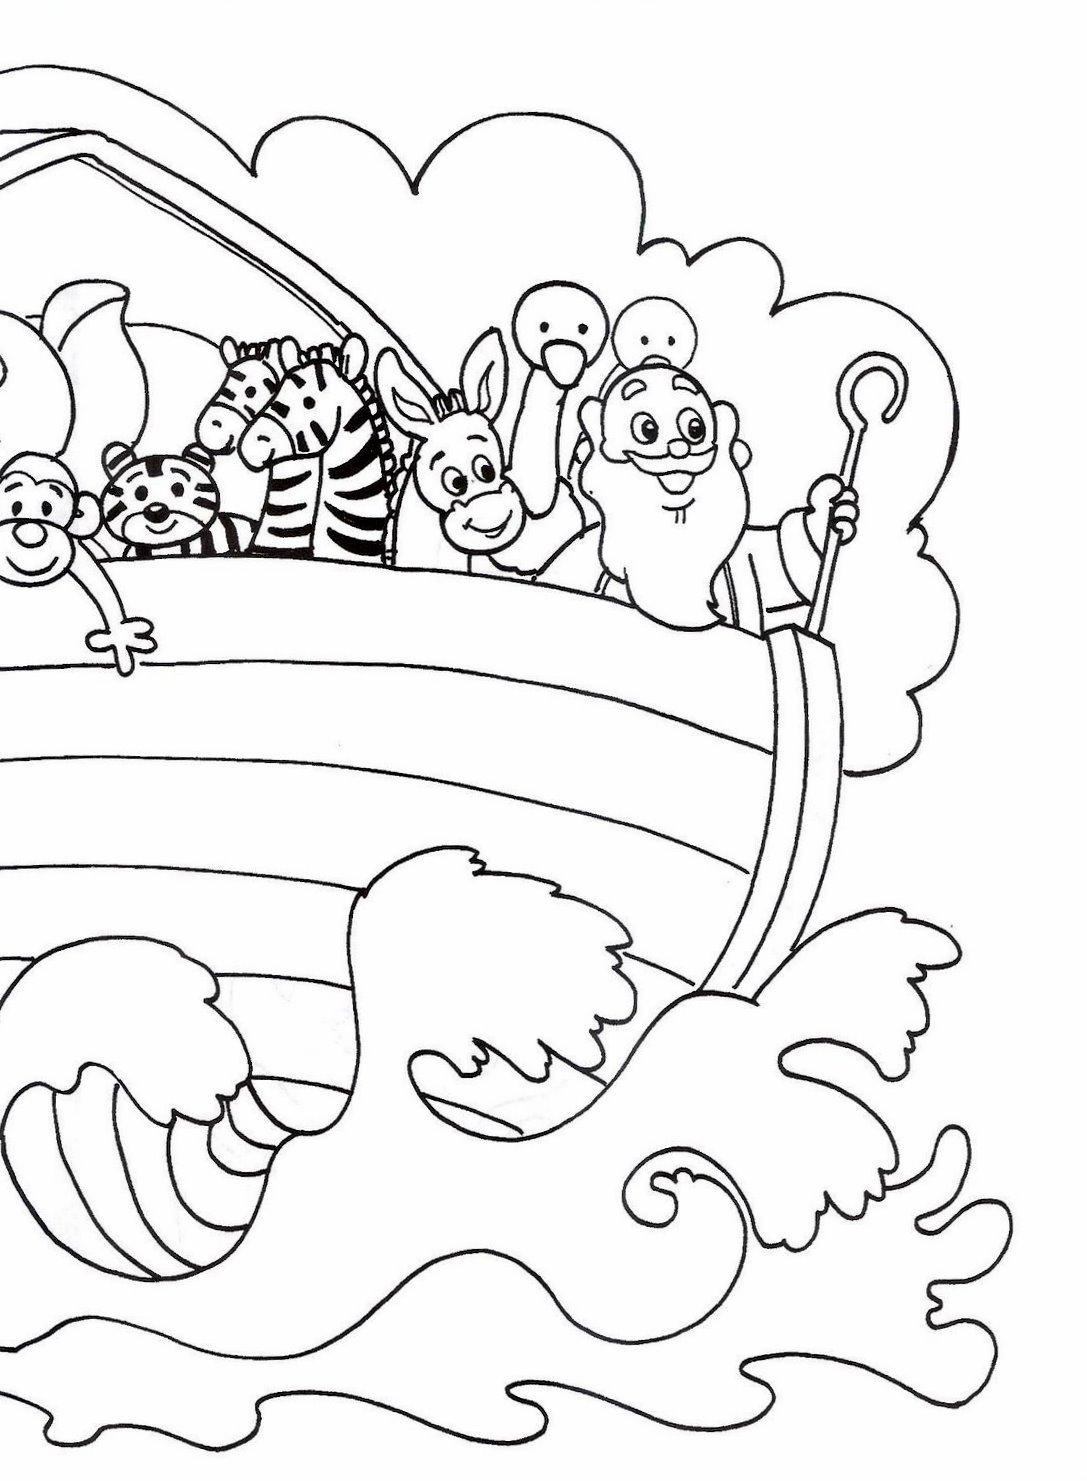 desenho de história da arca de noé para colorir tudodesenhos